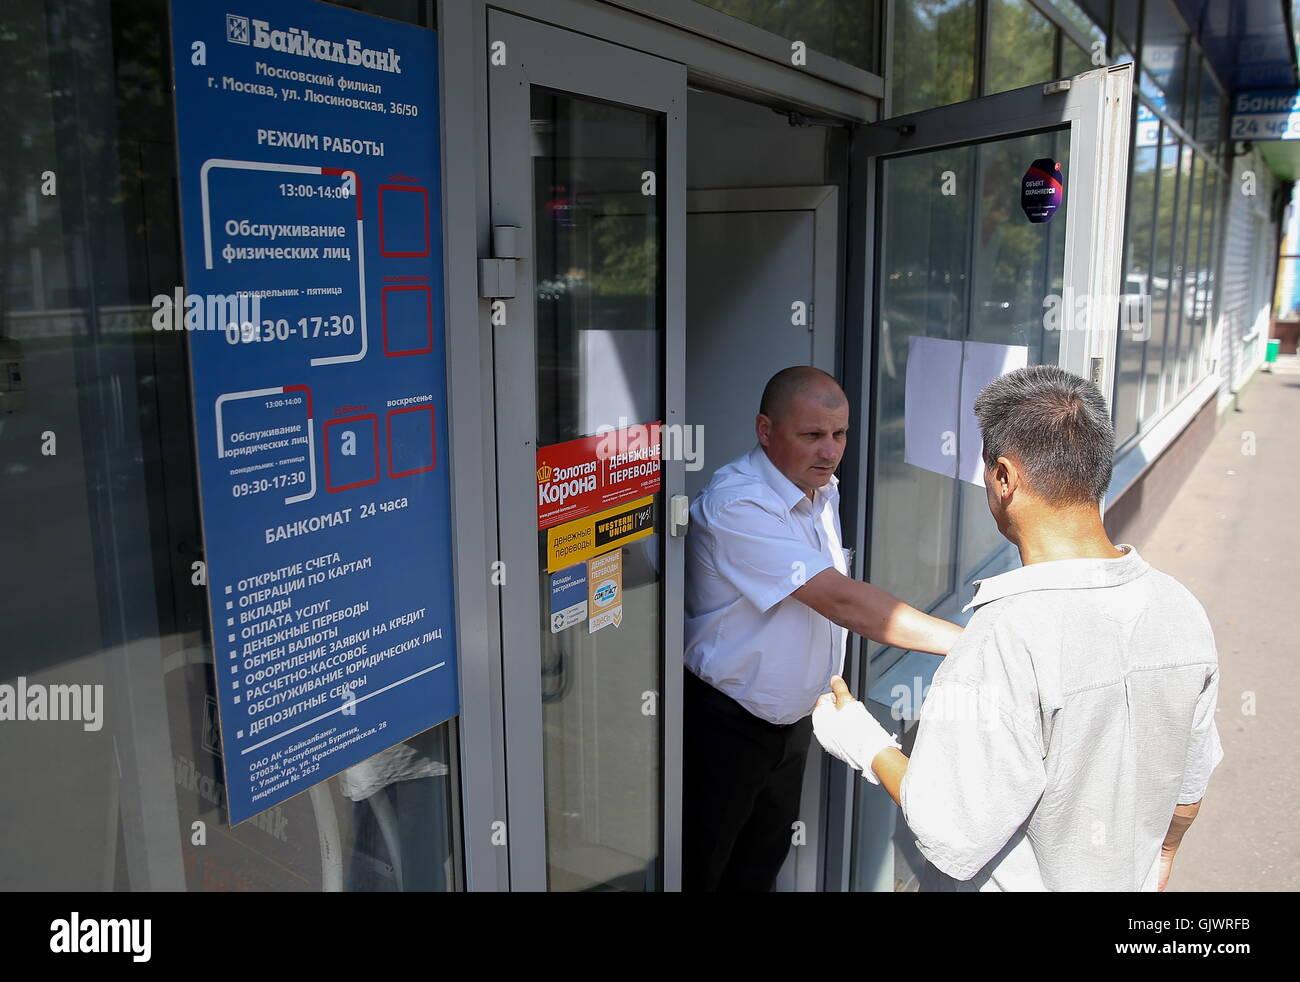 Moskau, Russland. 18. August 2016. Menschen am Eingang eine Moskauer Filiale der Baikal Bank. Der Bank von Russland Stockfoto